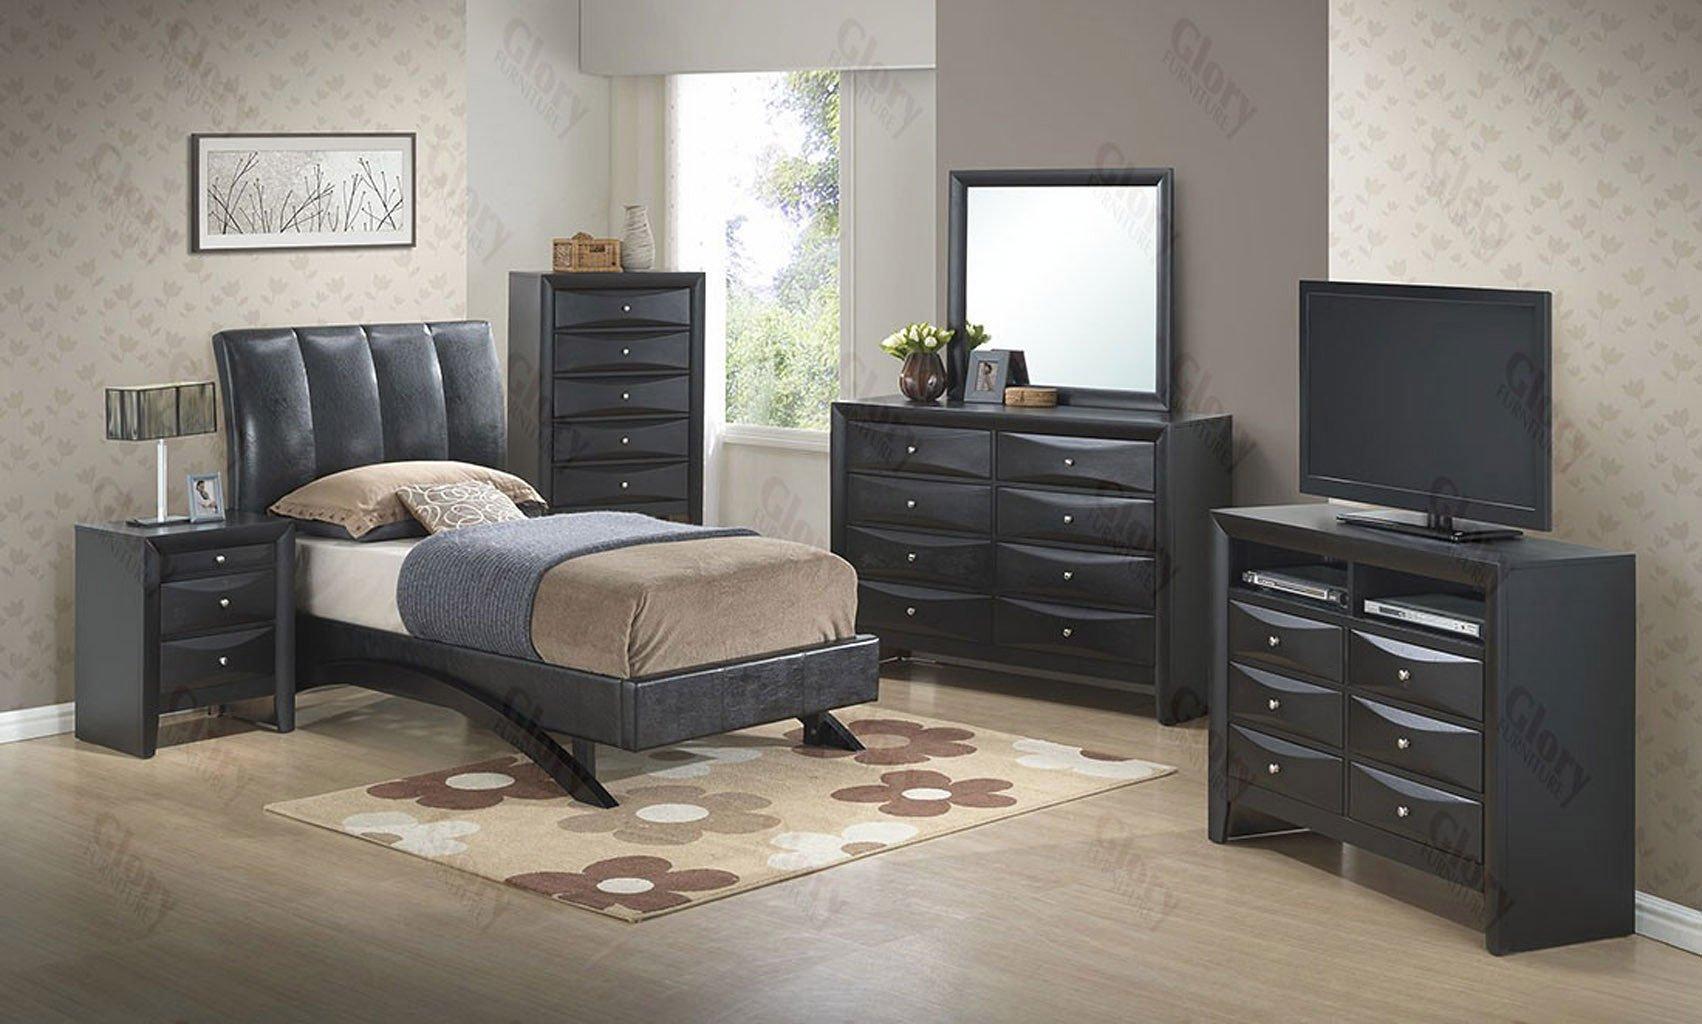 G2543 Youth Black Upholstered Bedroom Set Kids Room Sets